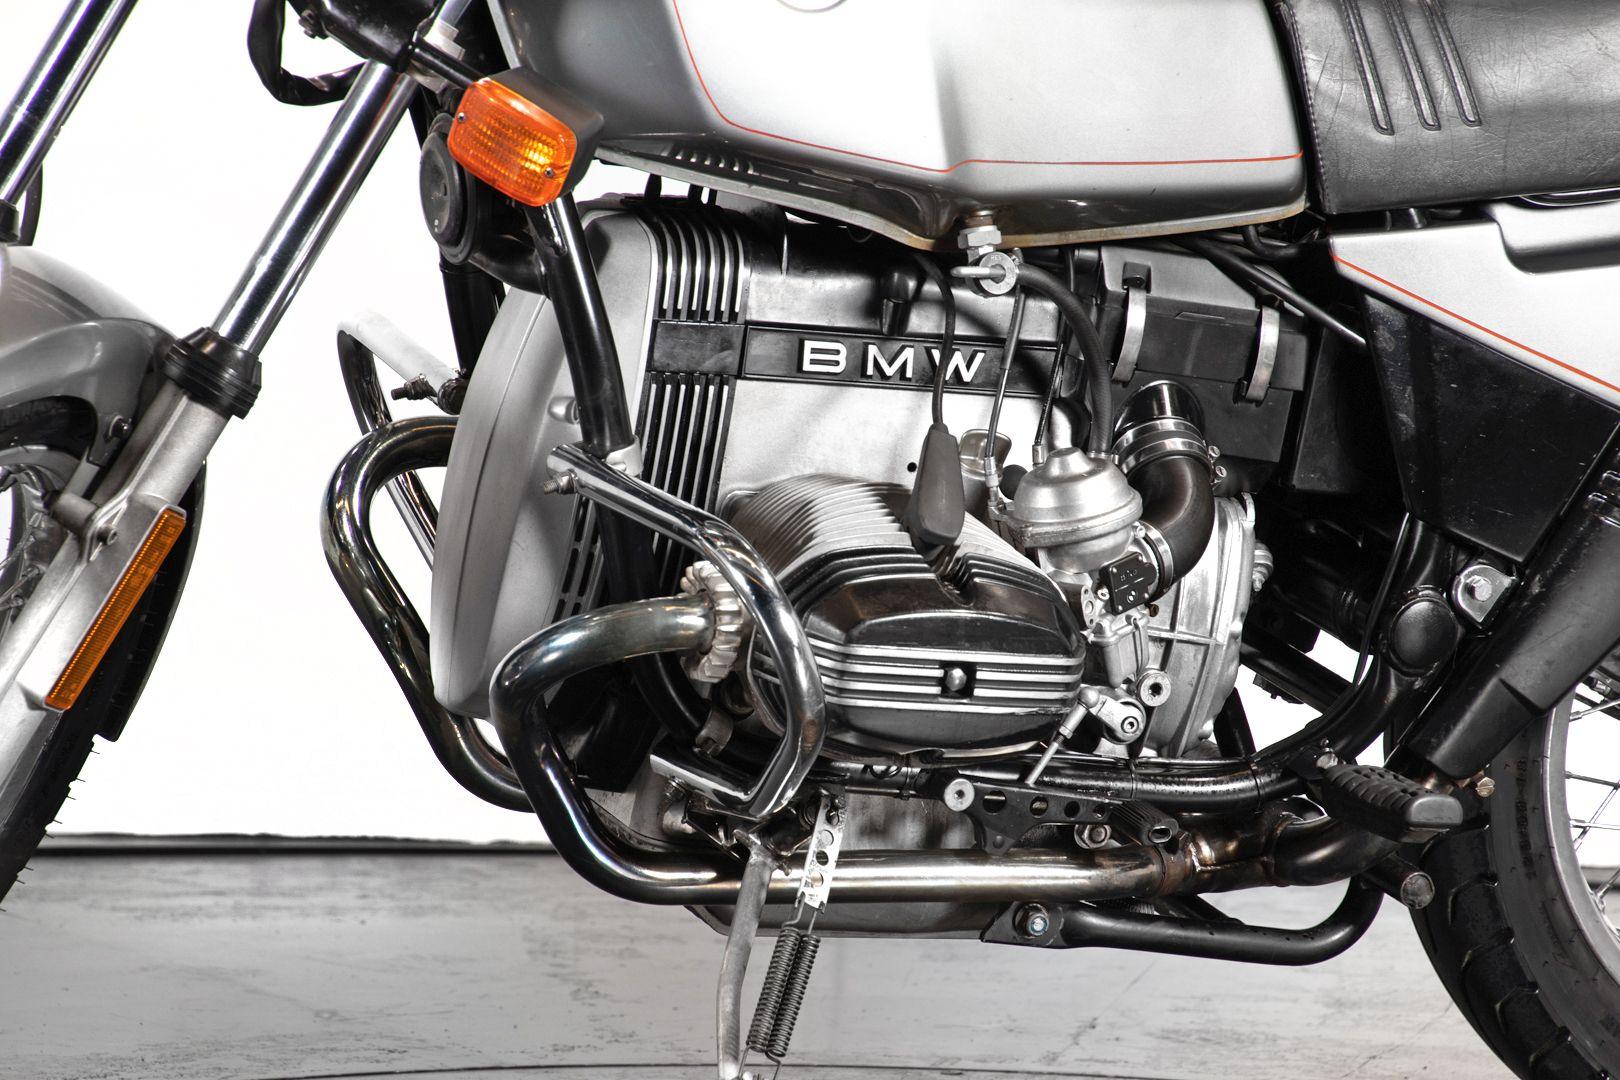 1983 Bmw R80 ST 41324